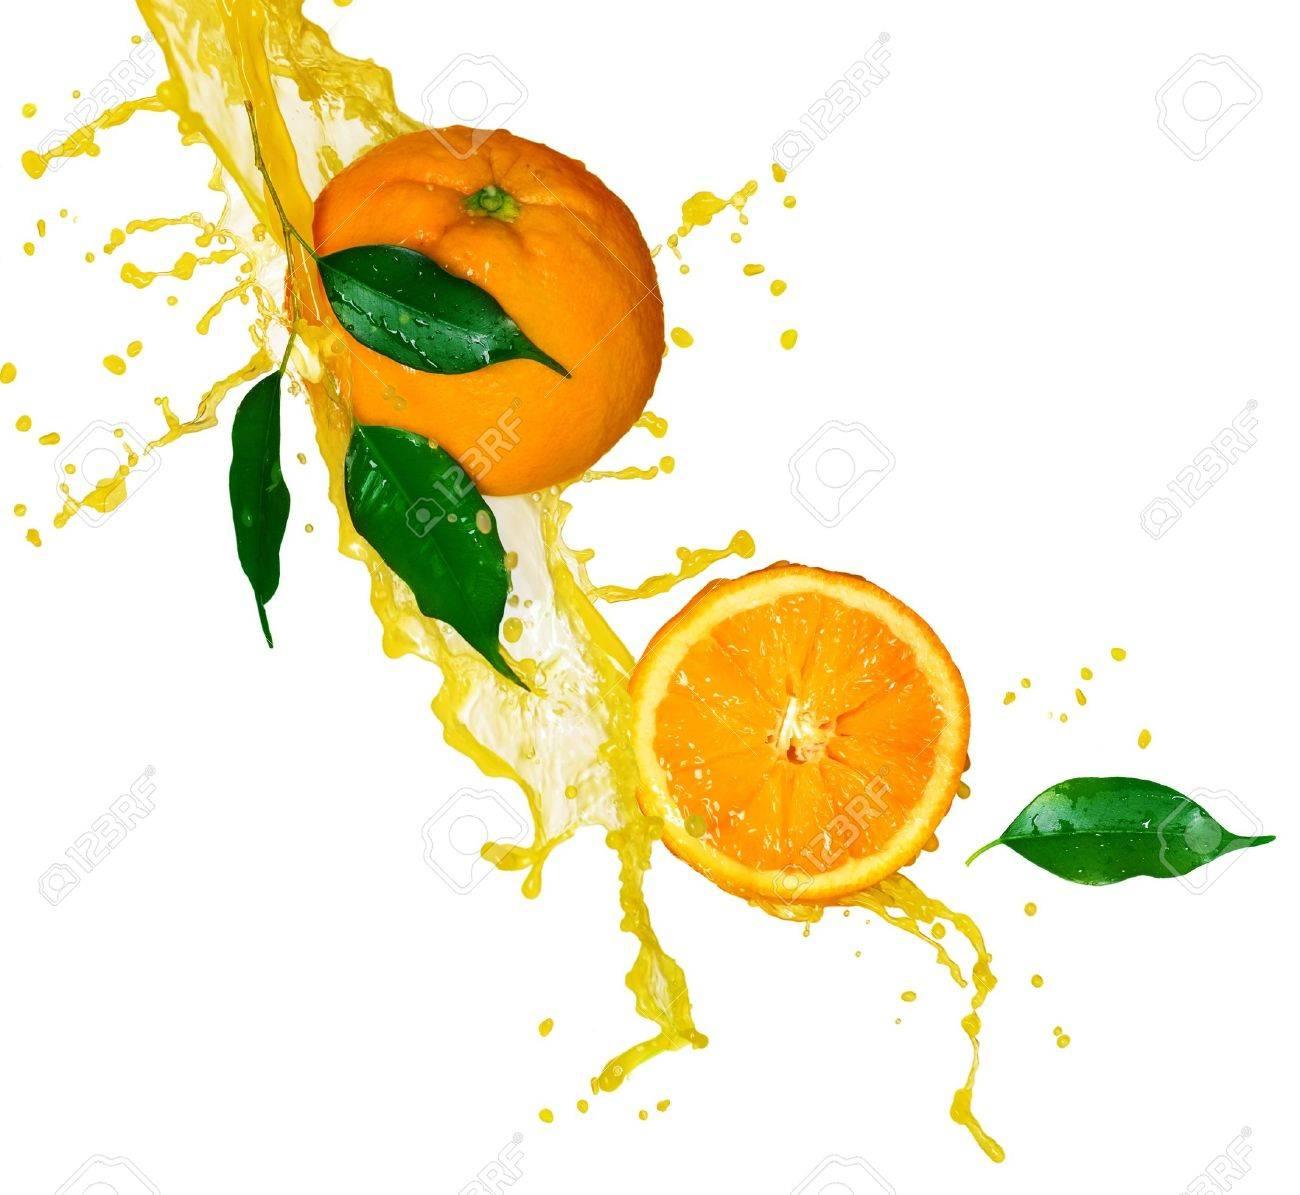 Orange juice isolated on white Stock Photo - 7815188